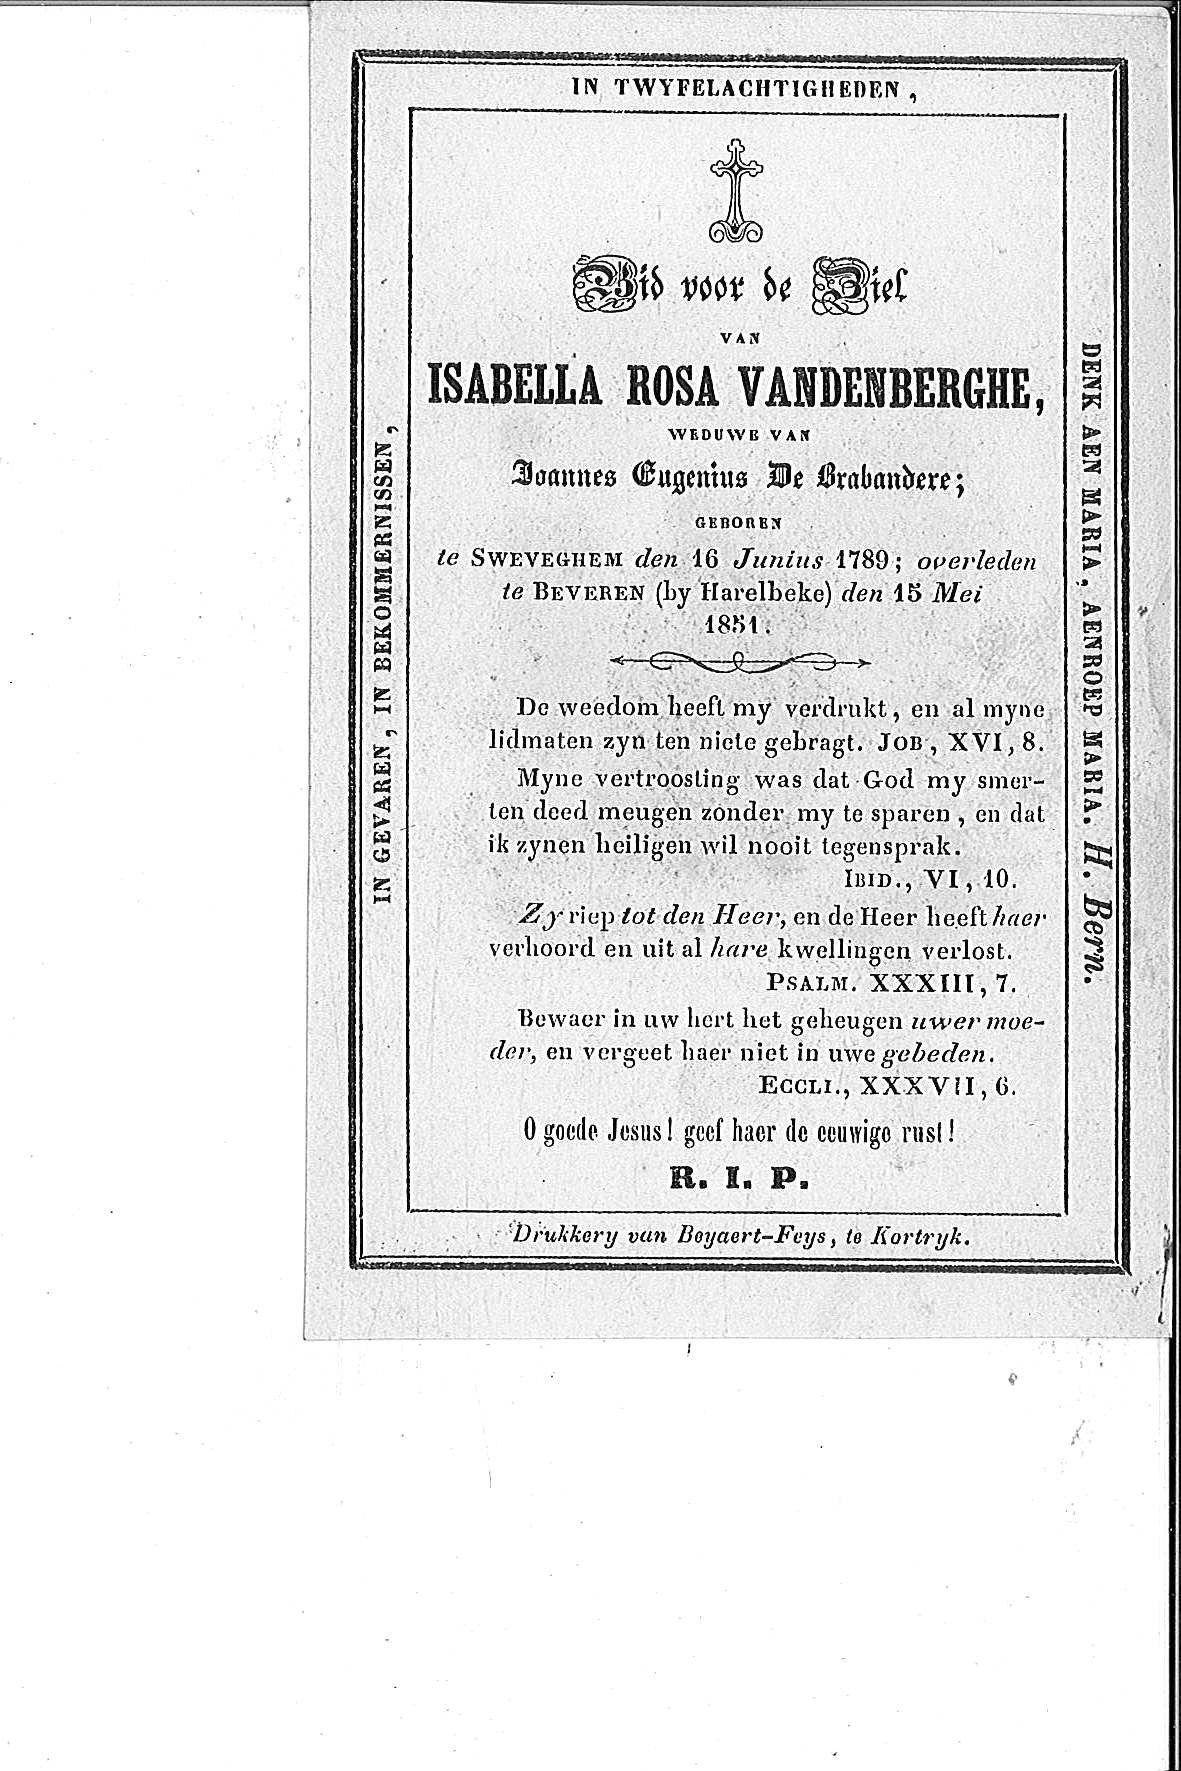 Isabella_Rosa(1851)20150810101333_00056.jpg